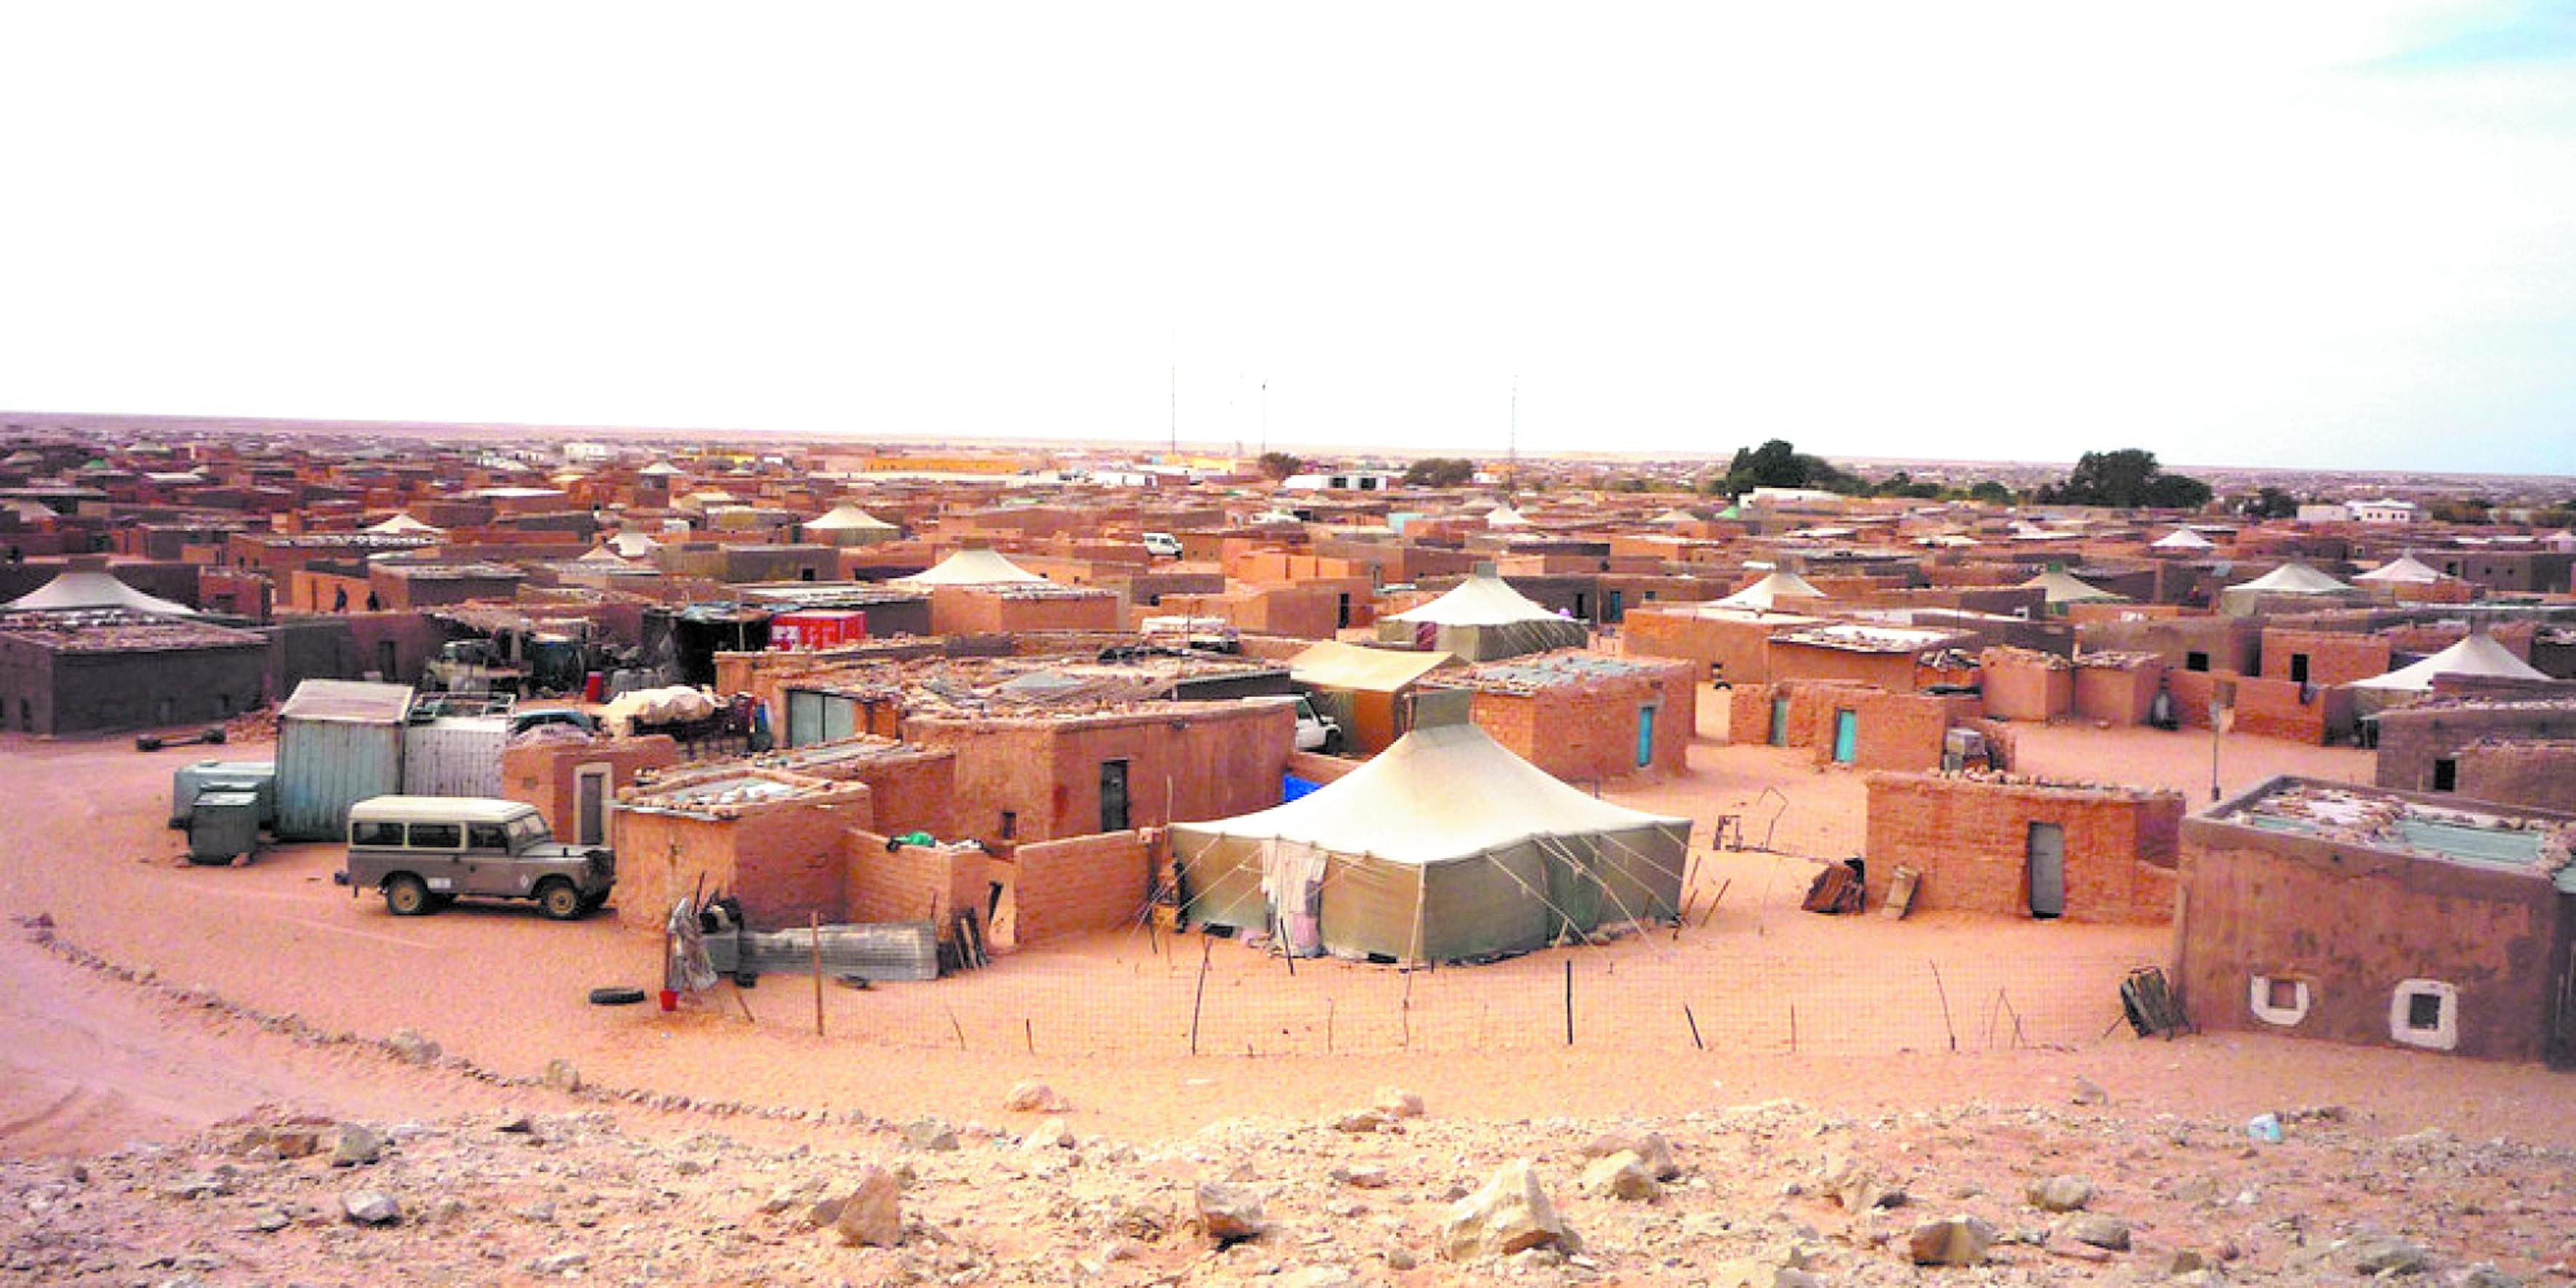 Le recensement dans les camps de Tindouf fait peur à Alger et ses pions